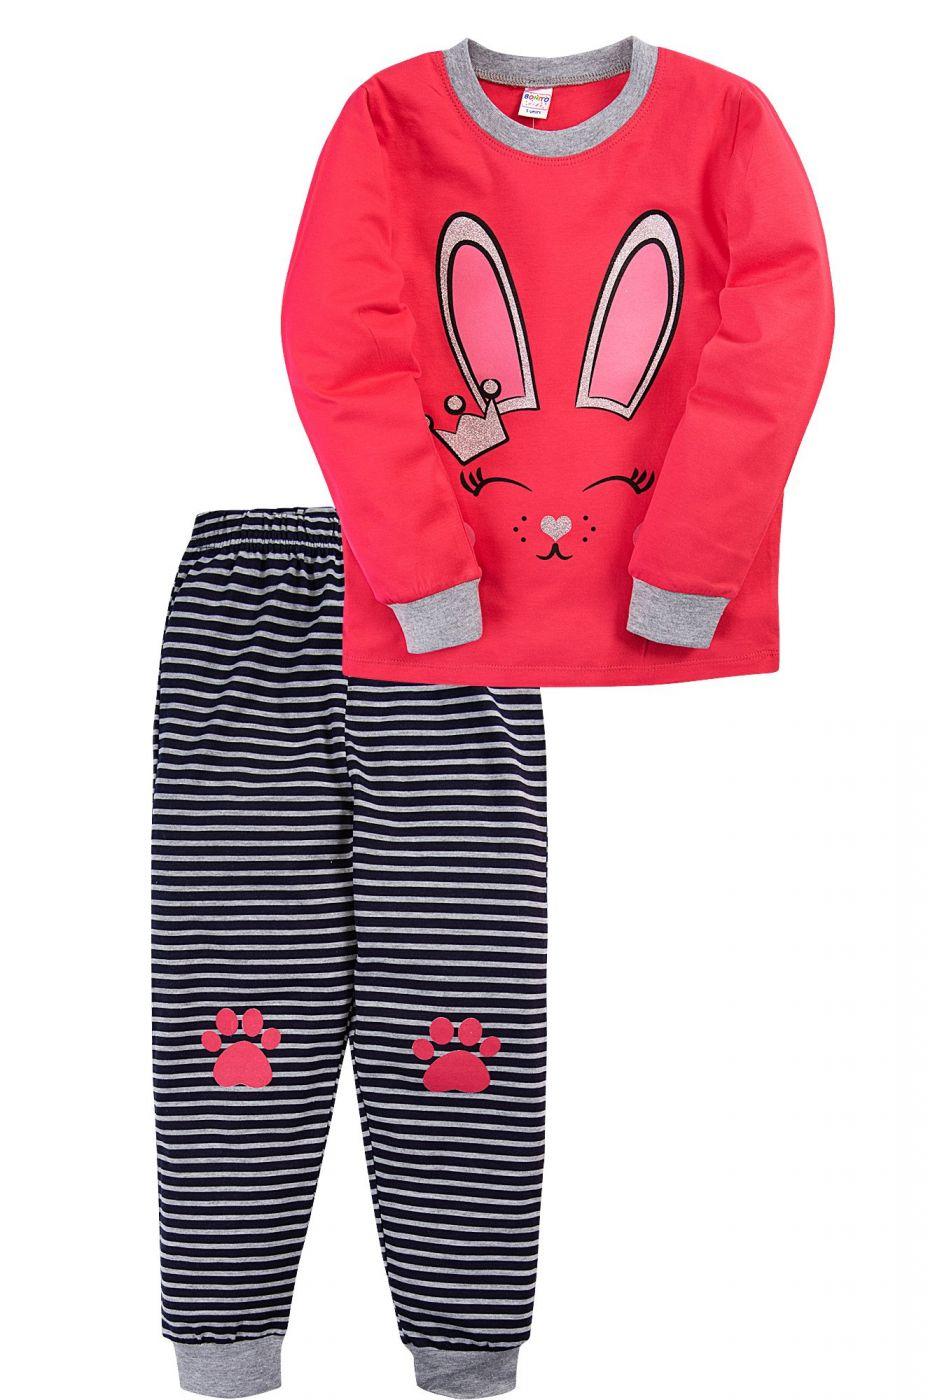 Пижама для девочки Bonito красная с мордочкой зайчонка